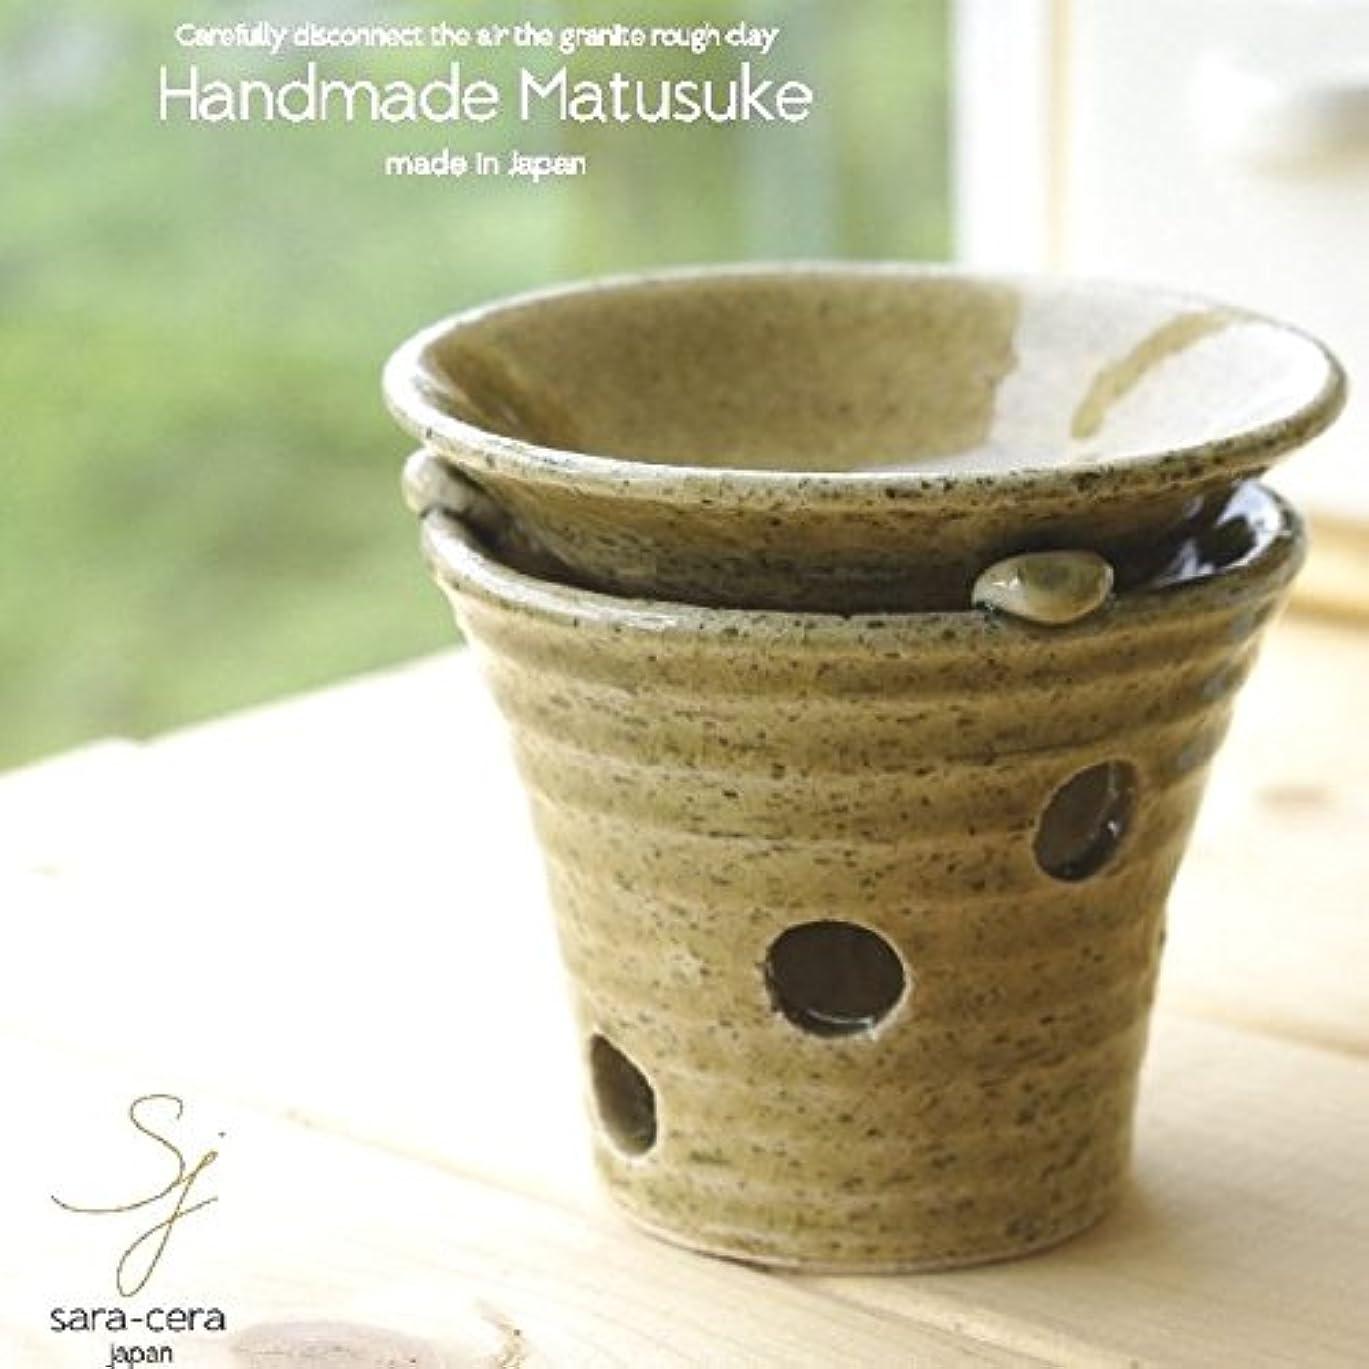 わずかなコンパニオンオーナメント松助窯 手作り茶香炉セット 灰釉ビードロ アロマ 和風 陶器 手づくり 日本製 美濃焼